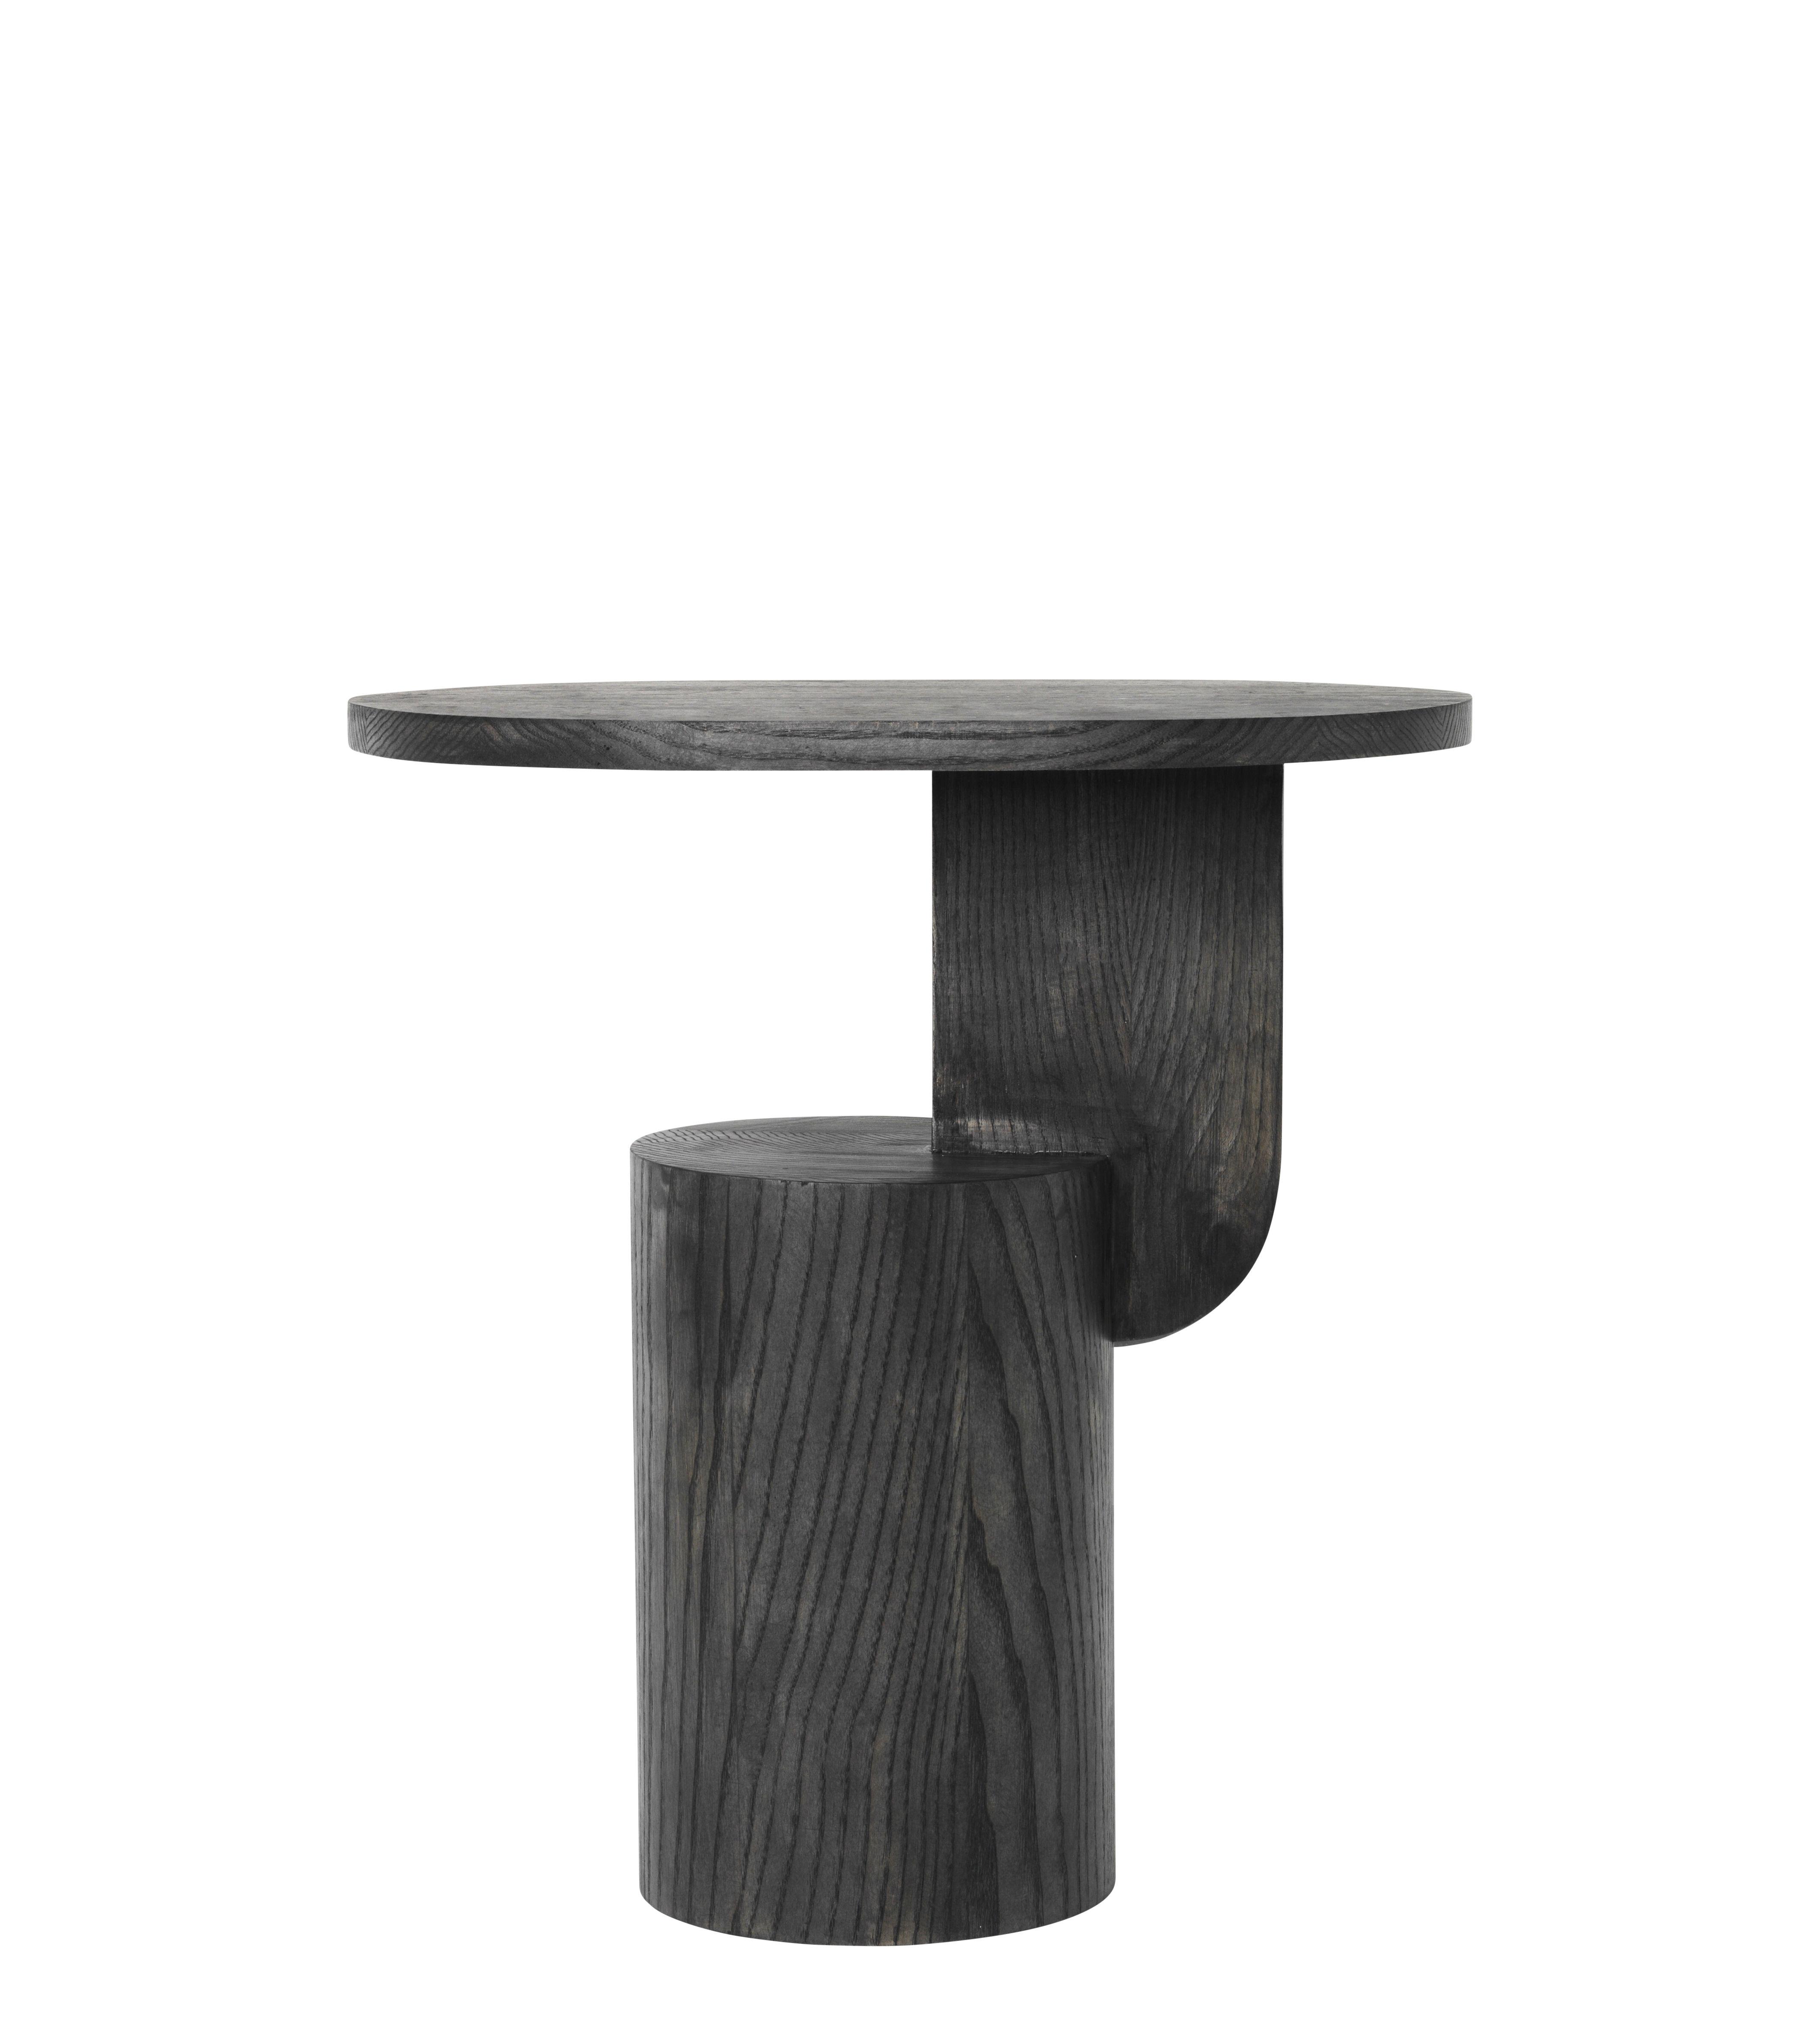 Möbel - Couchtische - Insert Beistelltisch / H 50 cm - Holz - Ferm Living - Schwarz - Frêne massif teinté